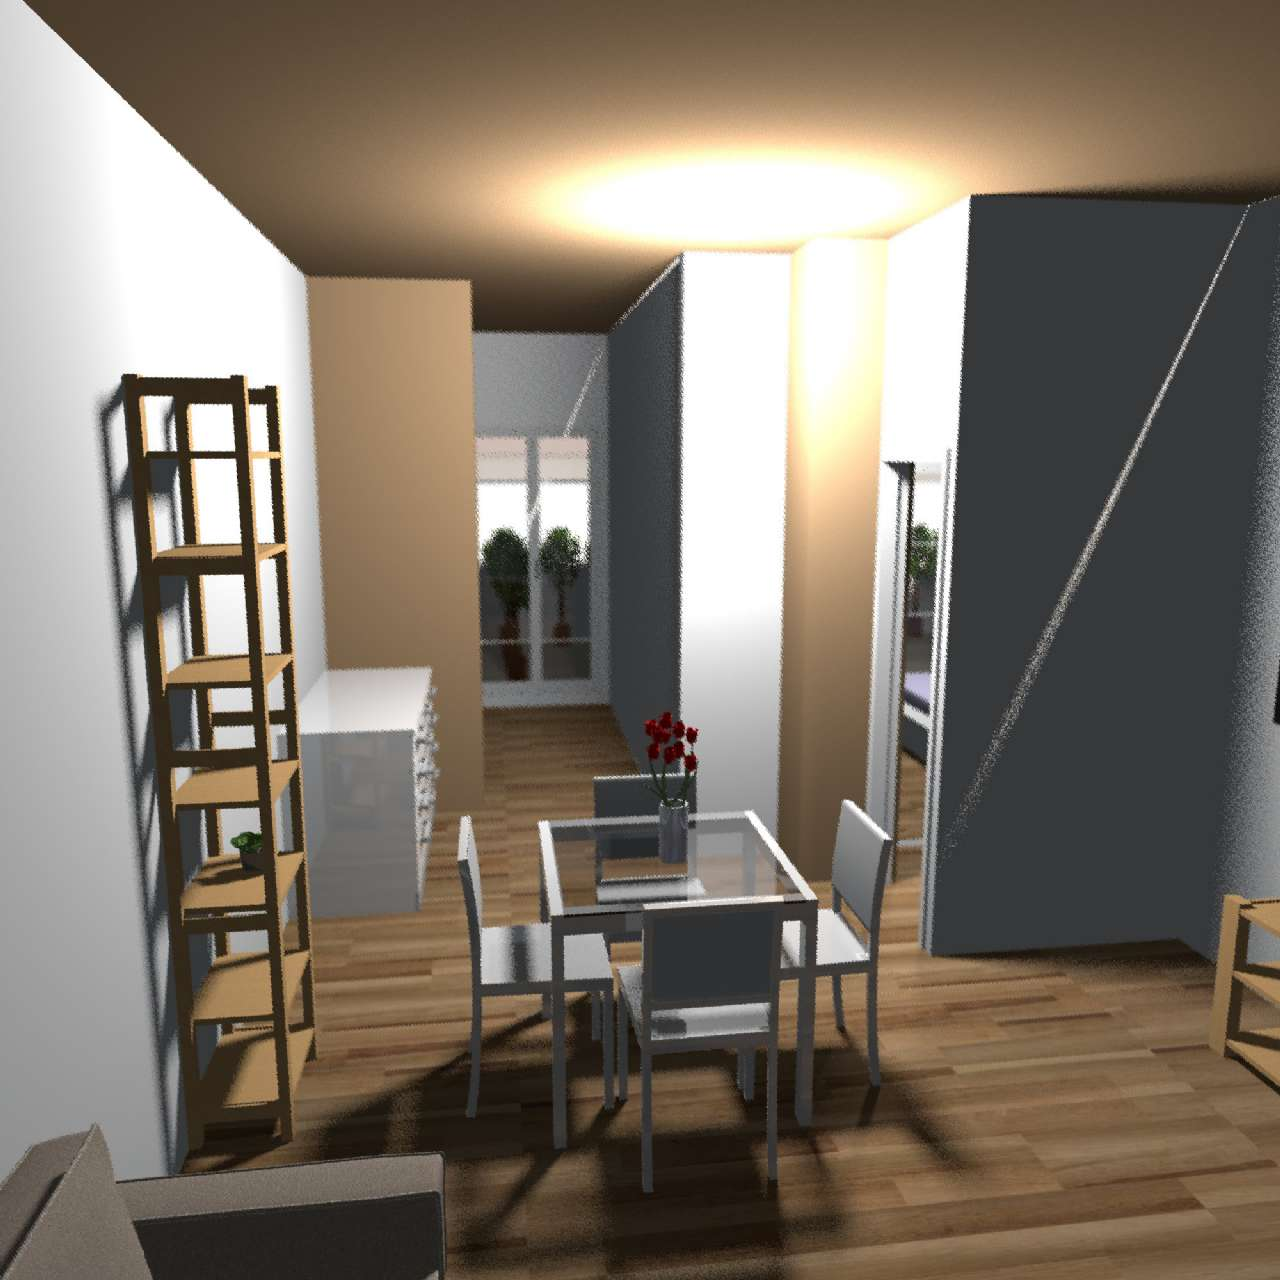 Appartamento in vendita a Modugno, 3 locali, prezzo € 85.000 | CambioCasa.it